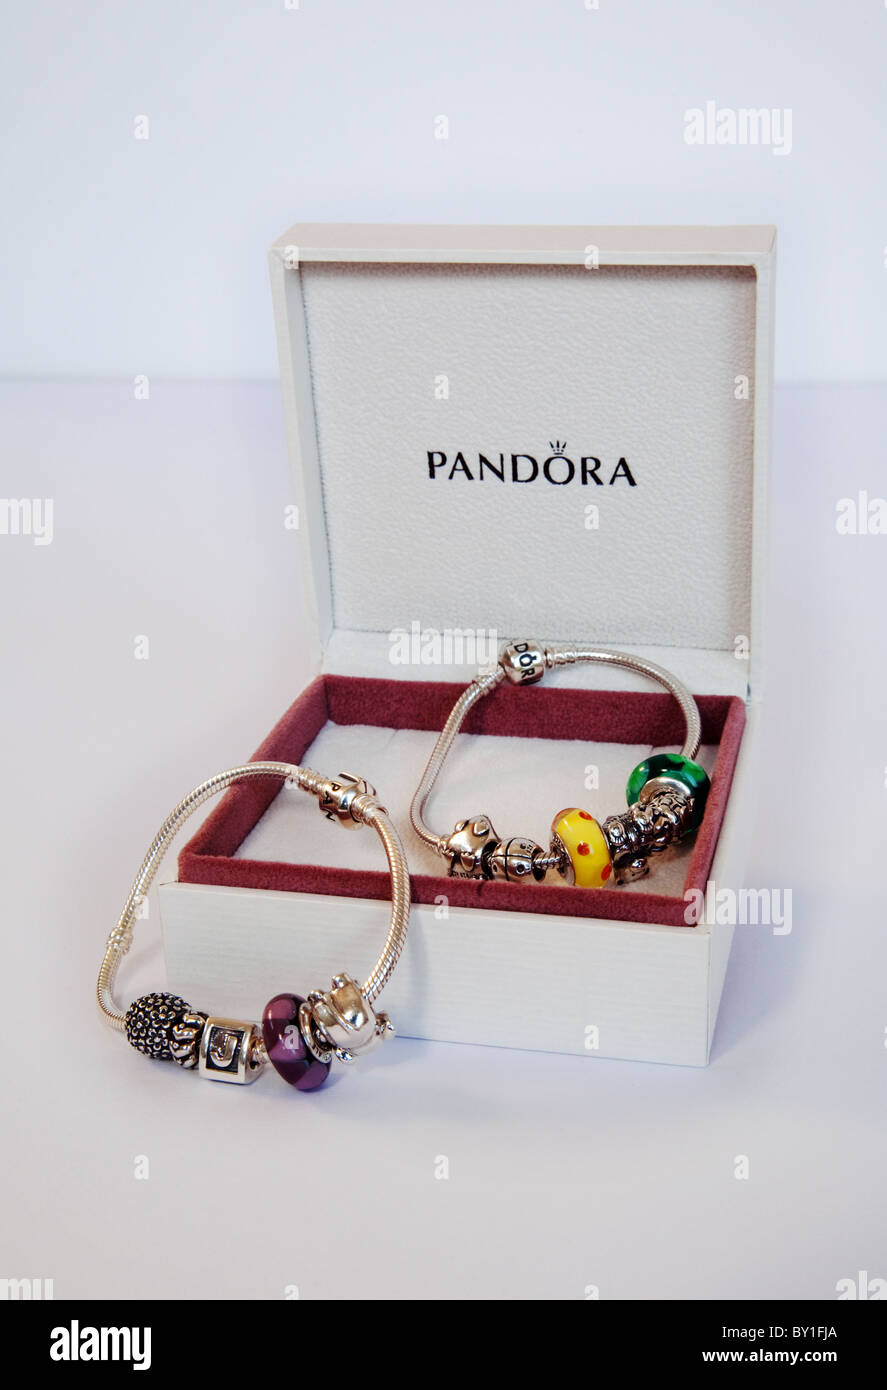 Dos joyas de Pandora pulseras y de su acondicionamiento. Imagen De Stock